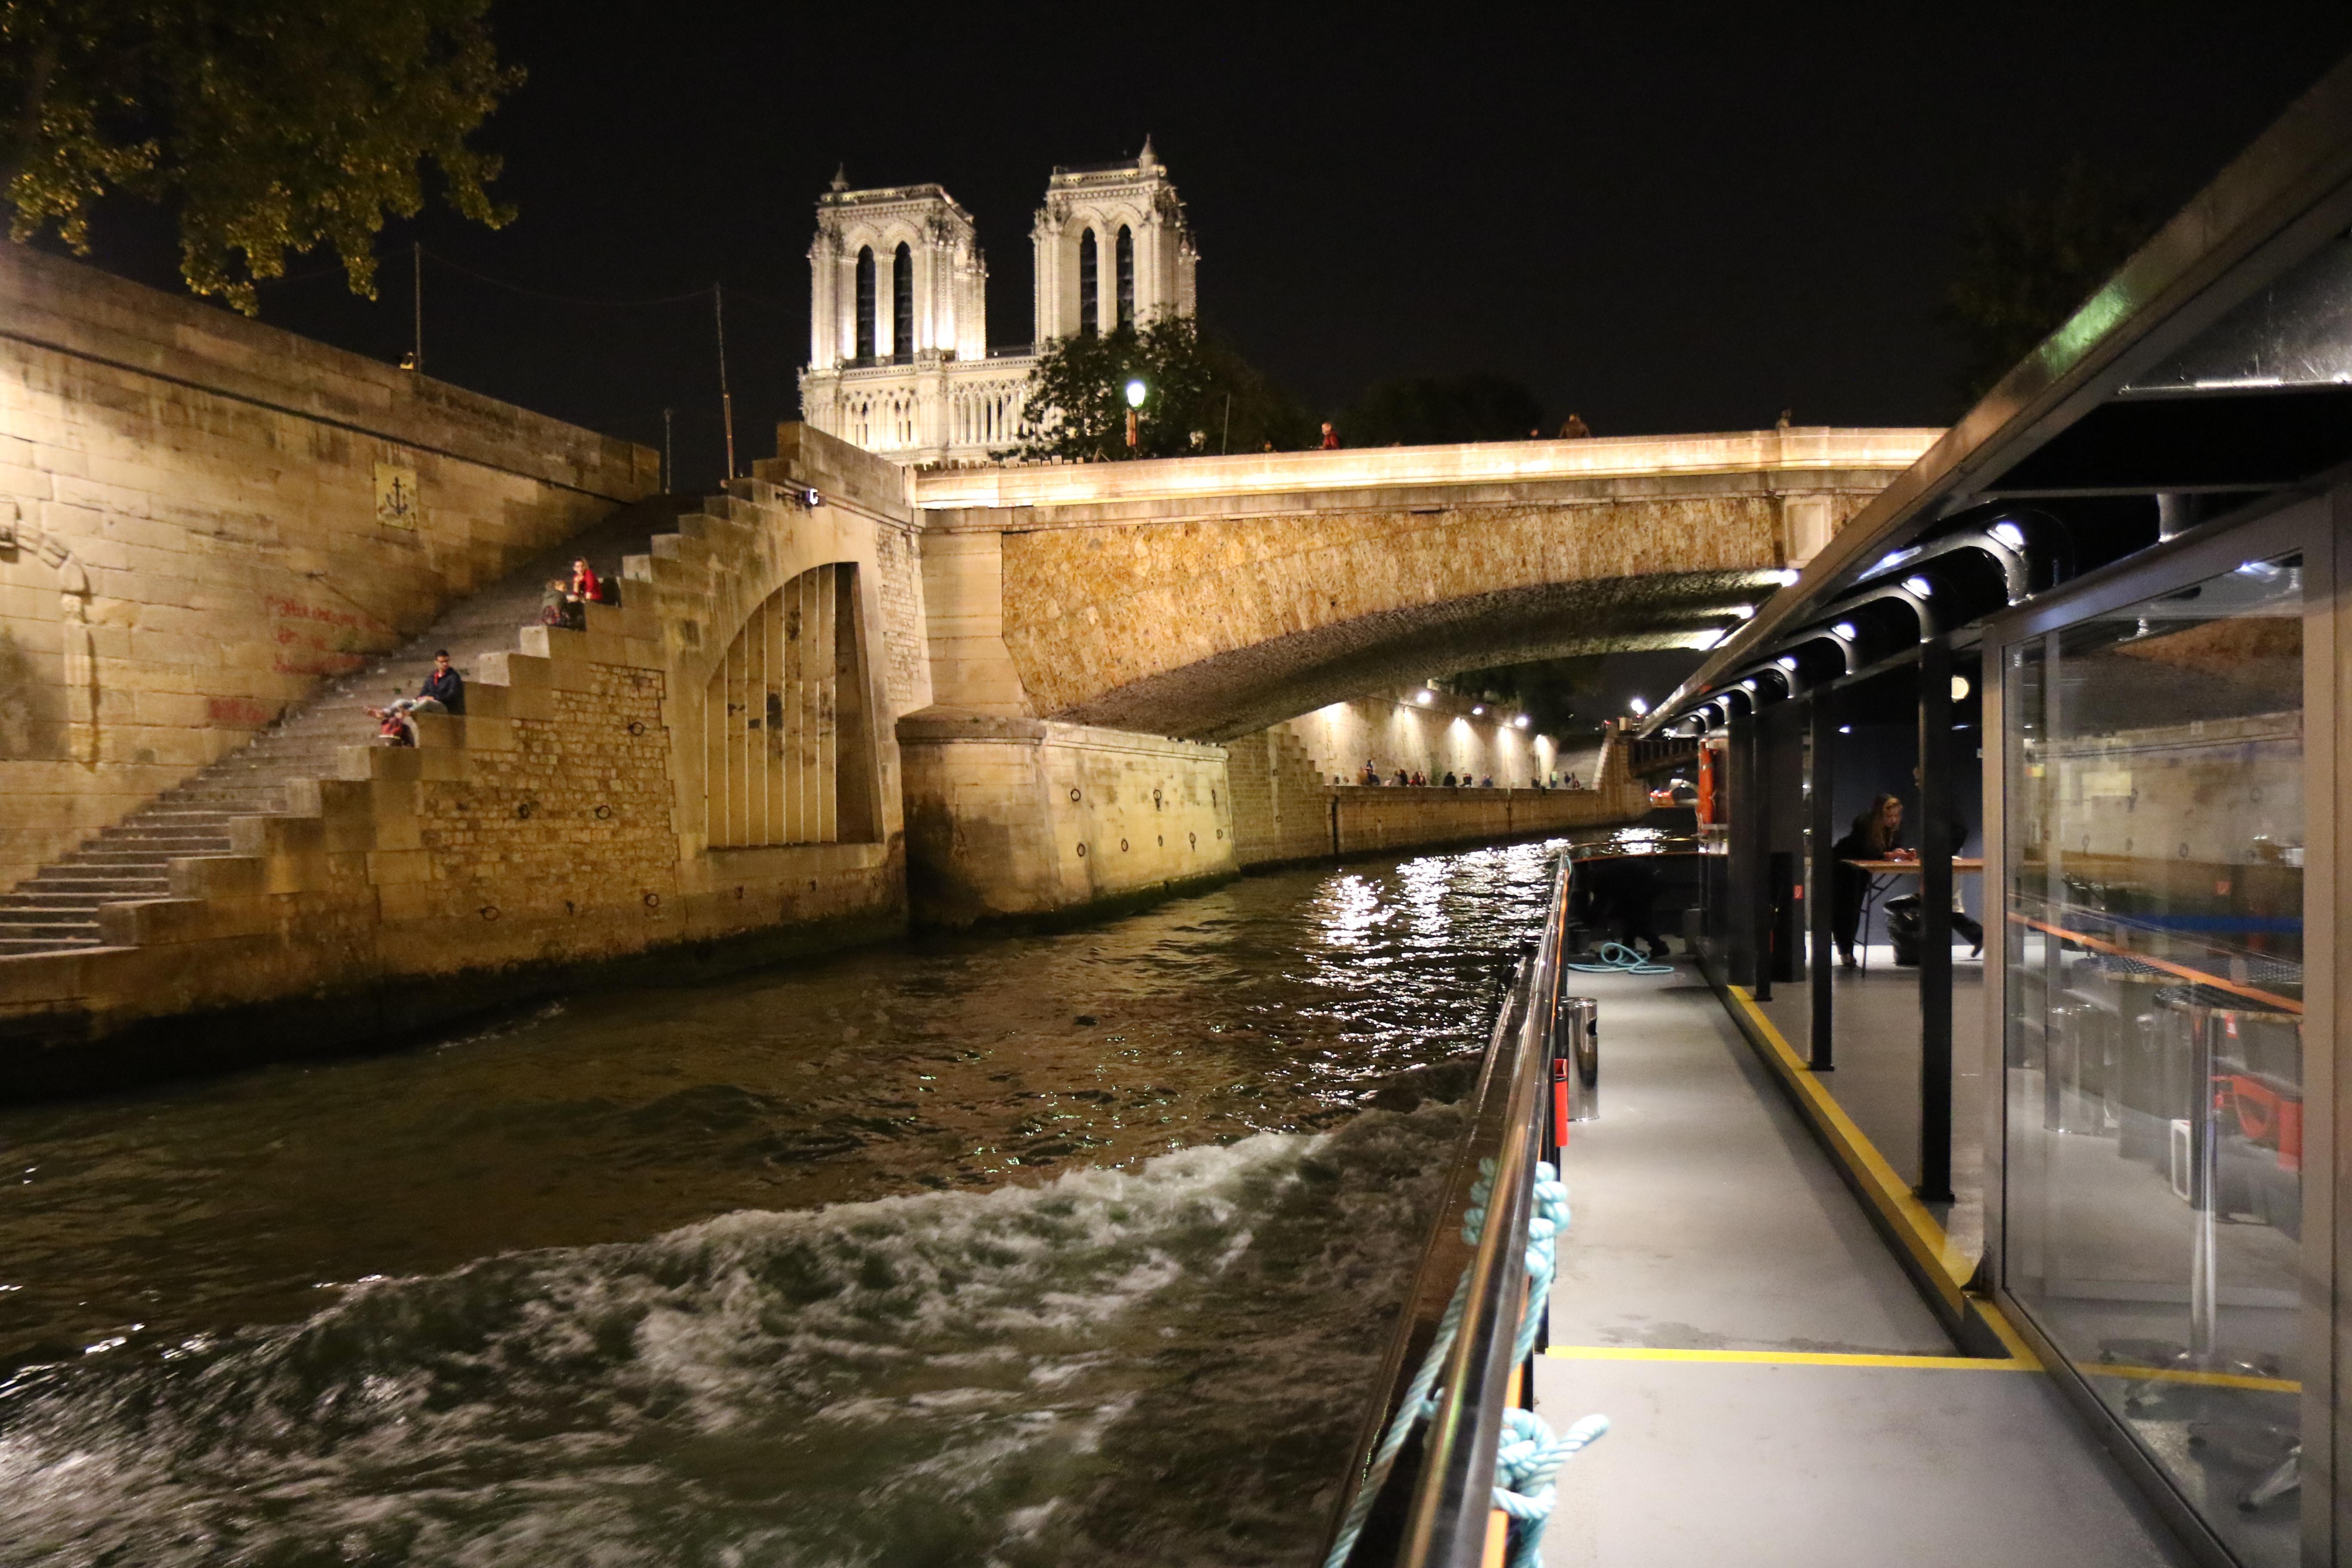 Croisiere-promenade-sightseeing-cruise-bateau-visit-paris-centre-navigation-Insolite-Notre-Dame